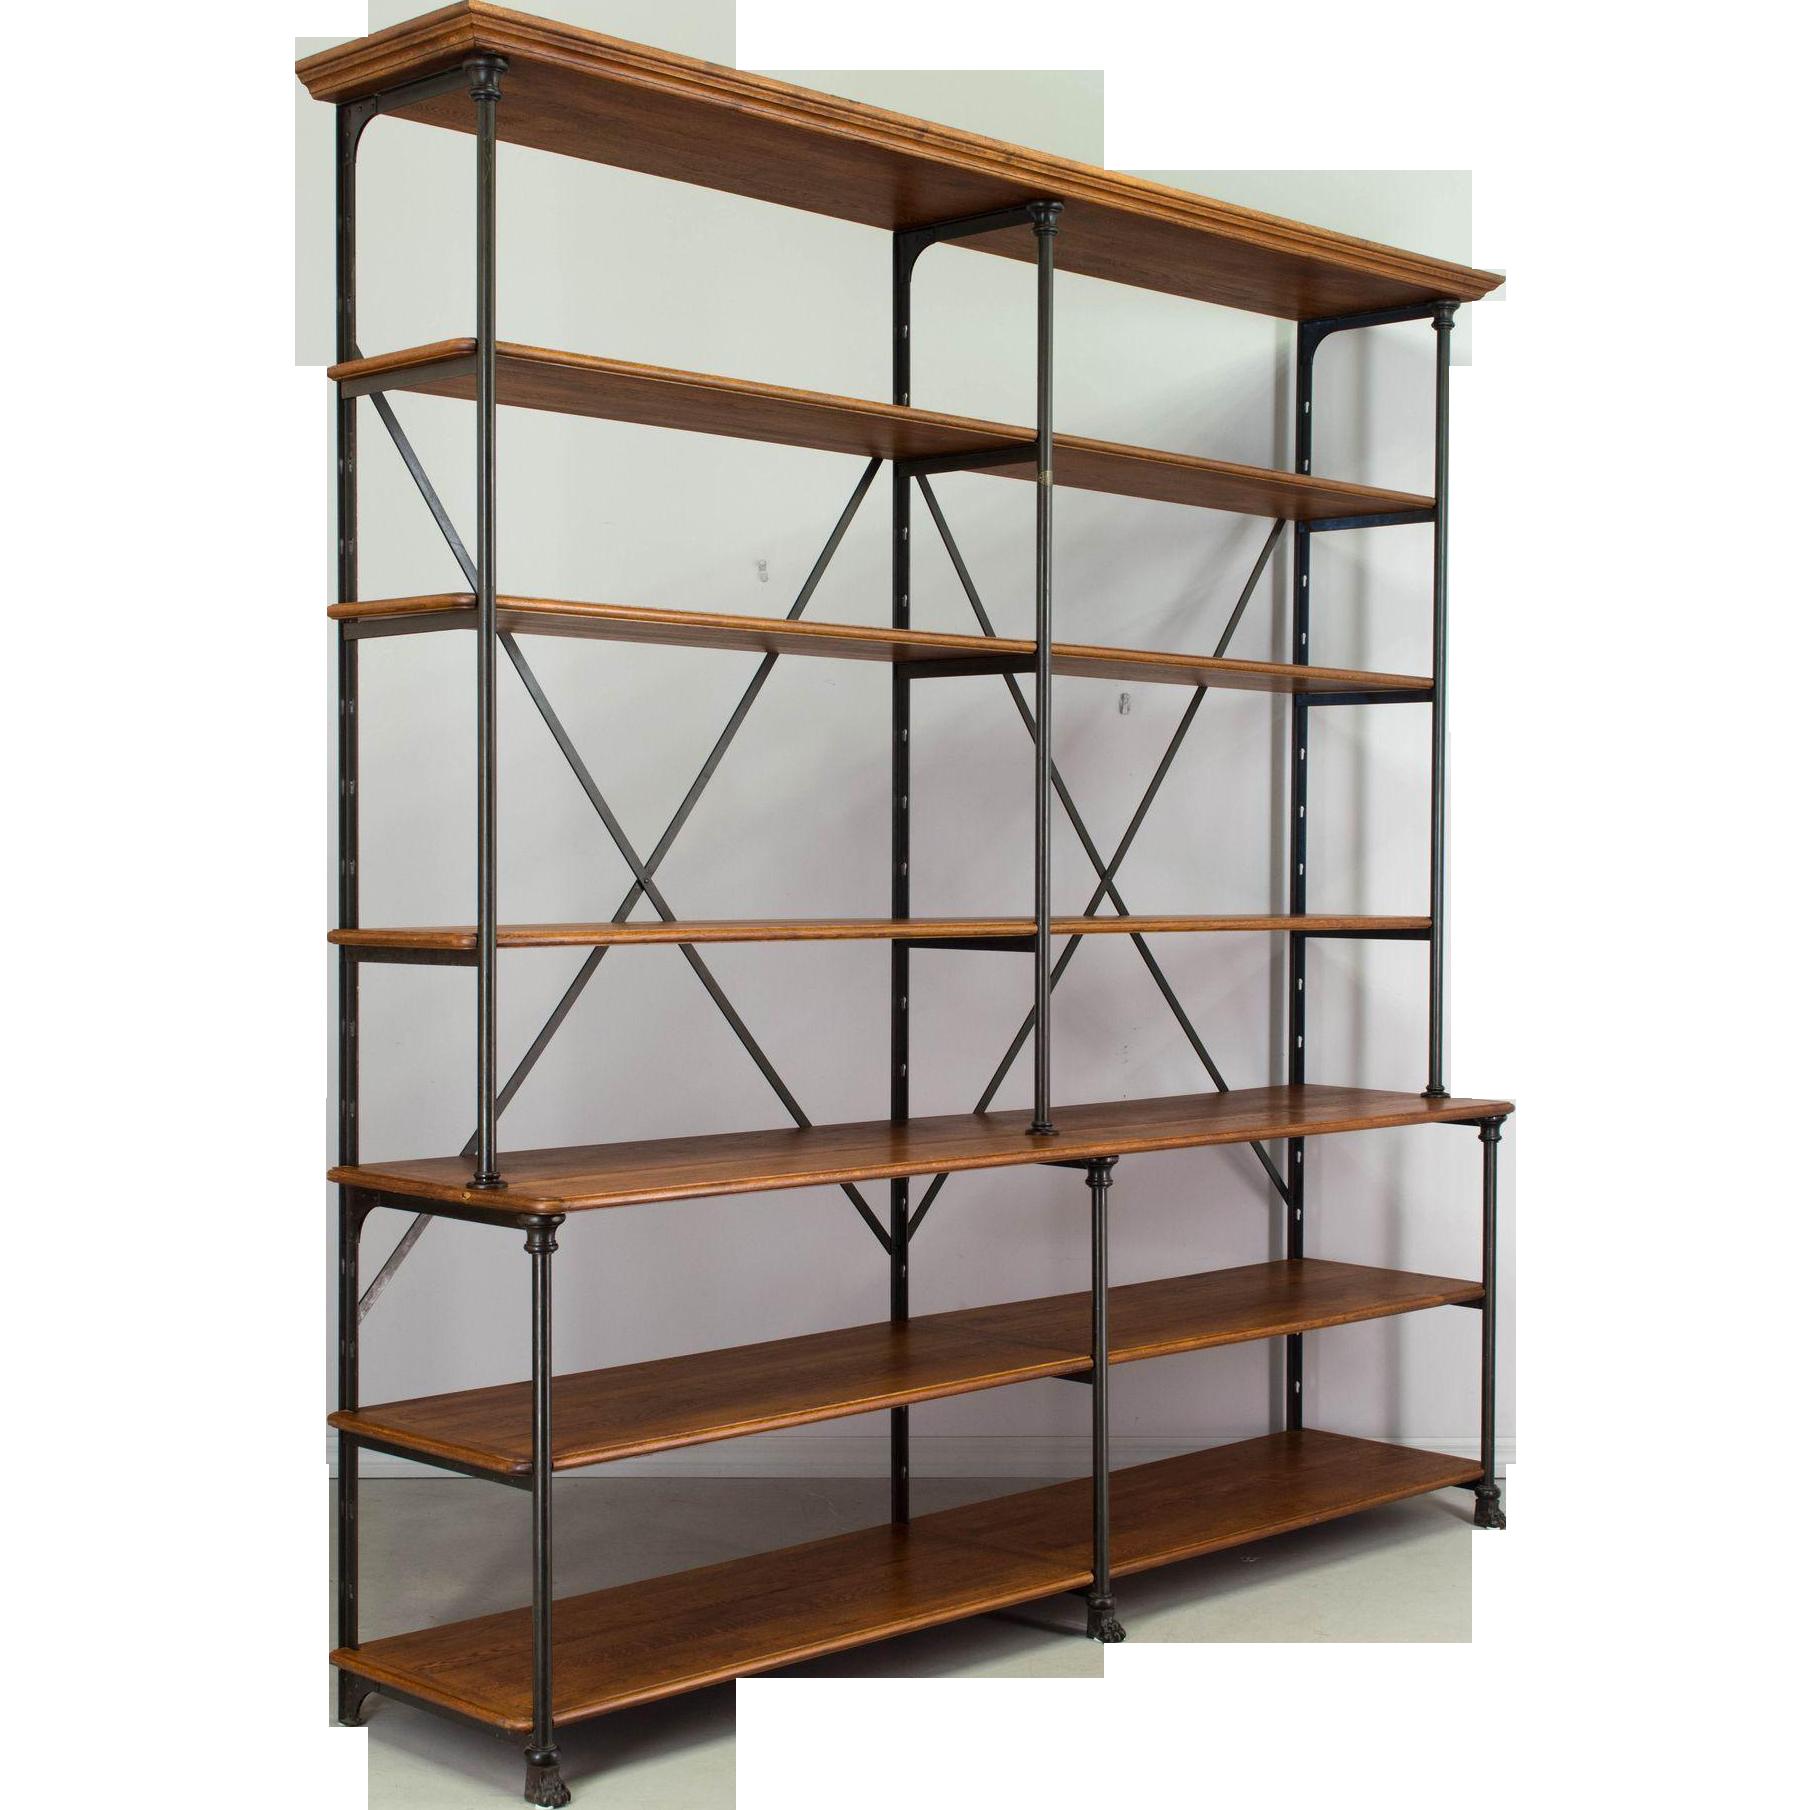 100 etagere furniture wild for you baby harvey park. Black Bedroom Furniture Sets. Home Design Ideas